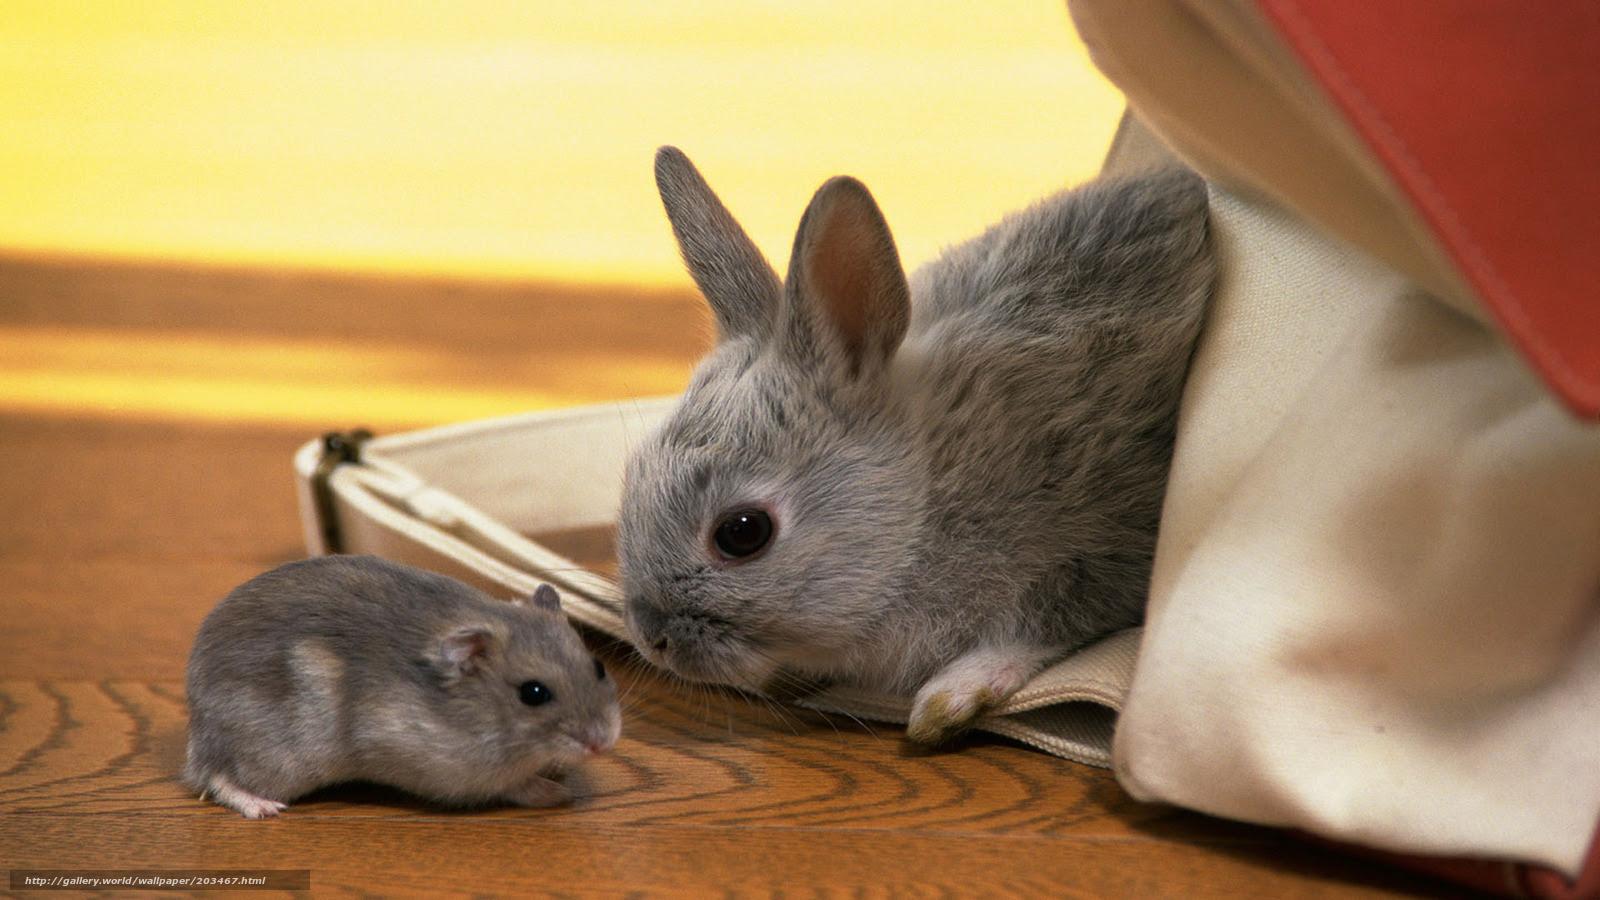 壁紙をダウンロード ウサギ ハムスター グレー 幼児 デスクトップの